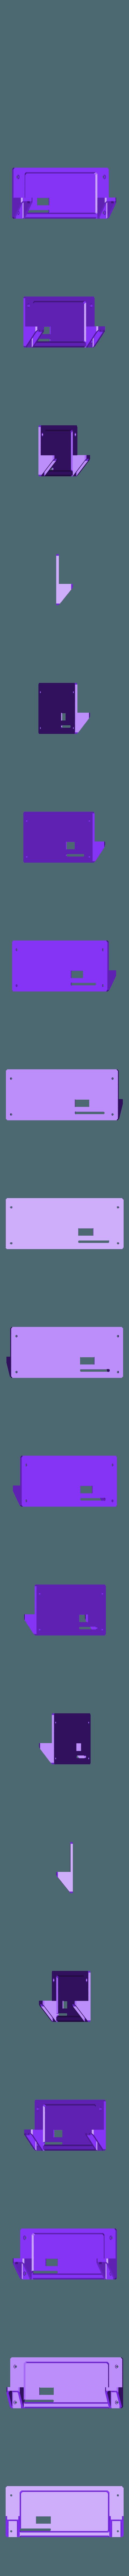 Anet_8_LCD_Back_Plate_Vertical.stl Télécharger fichier STL gratuit Boîtier LCD AM8 Anet • Design à imprimer en 3D, Slava_Z